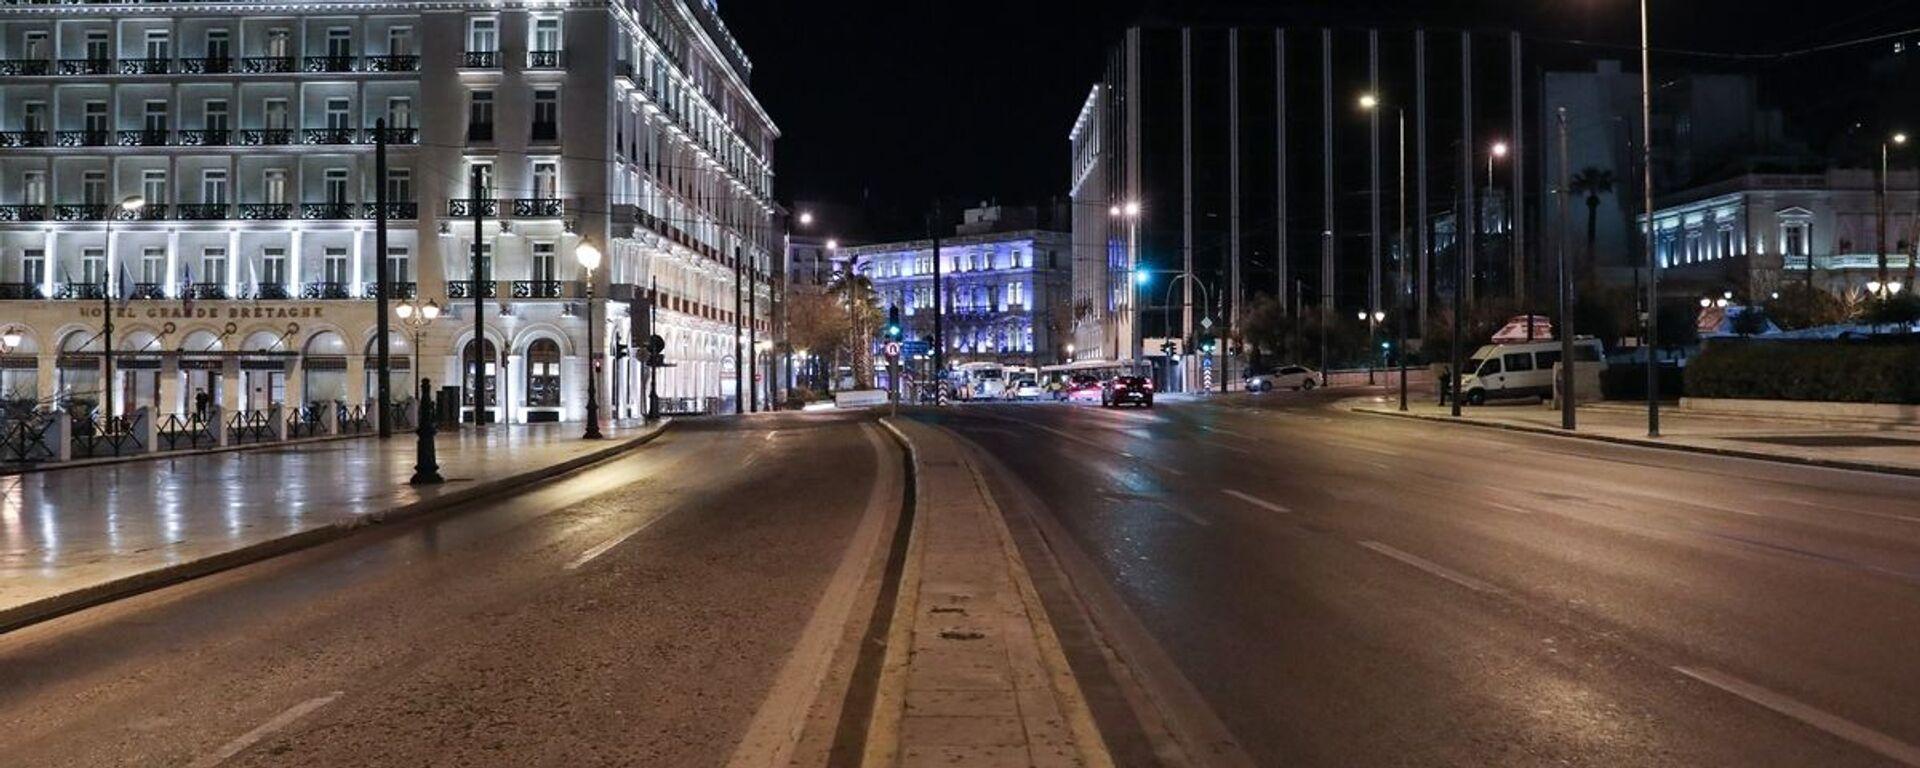 Lockdown στην Αθήνα - Sputnik Ελλάδα, 1920, 26.03.2021